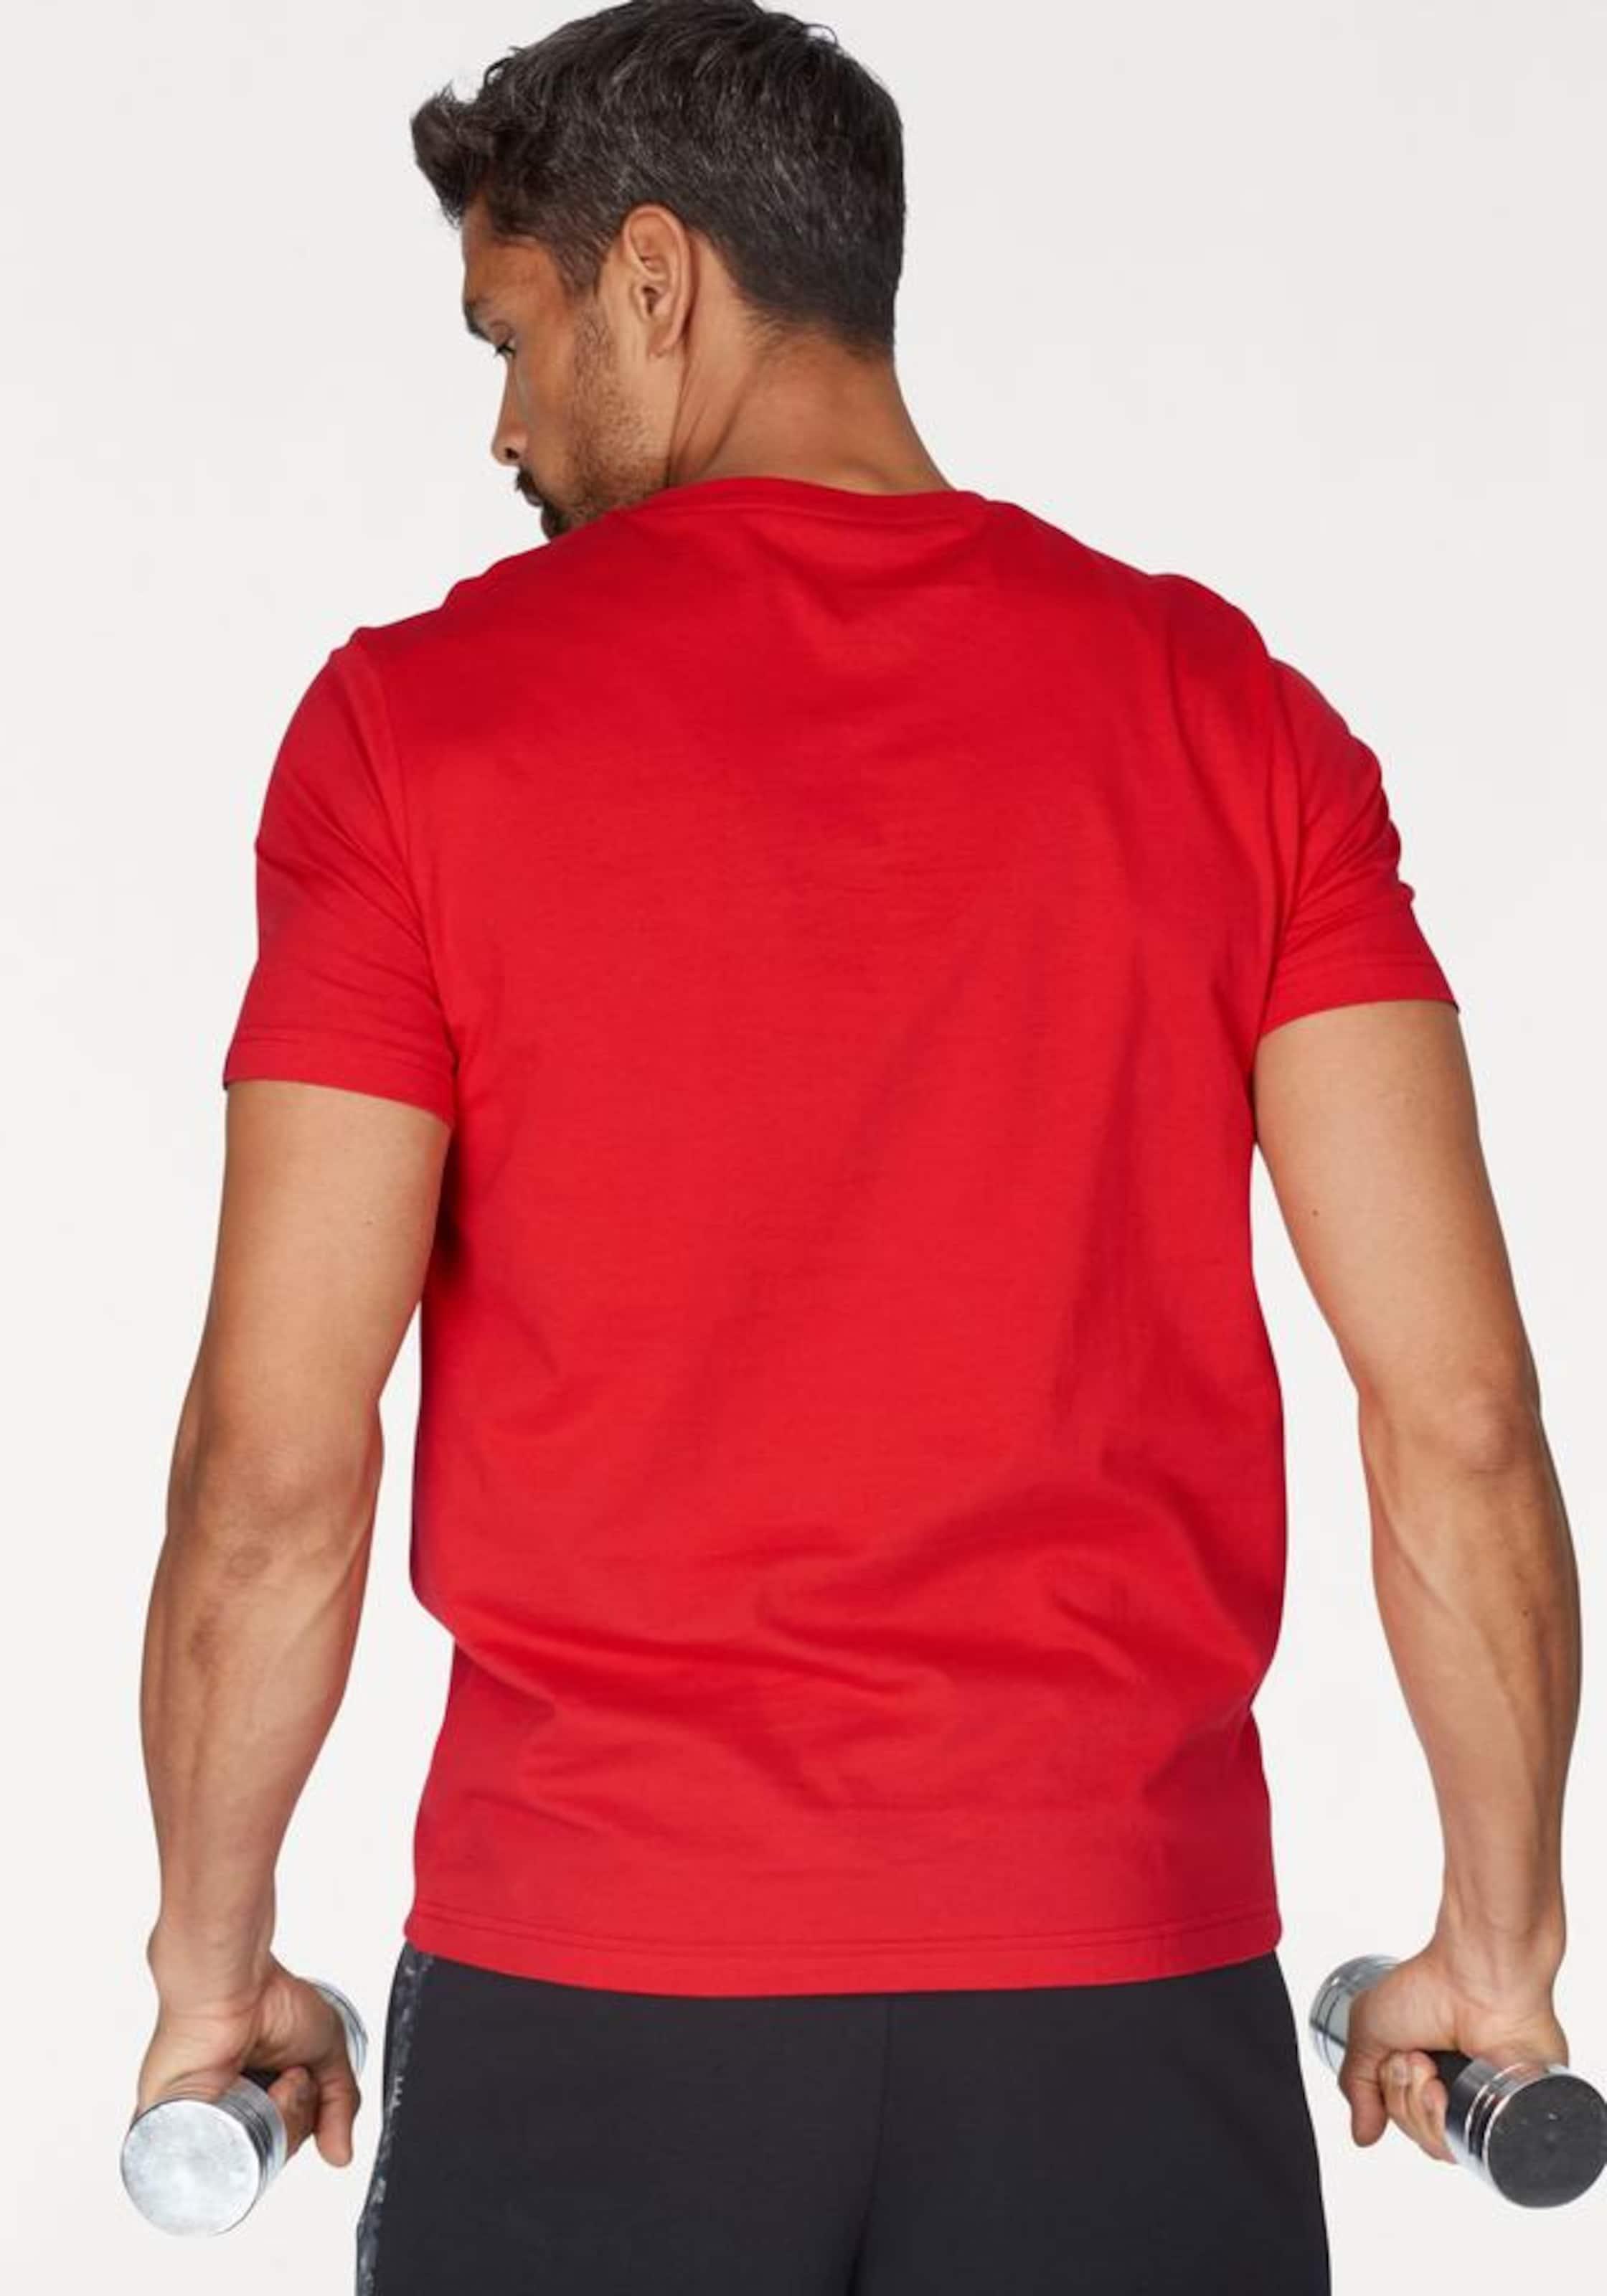 Online Zum Verkauf PUMA T-Shirt 'MENS TEE PACK PF 2' Exklusiv Authentische Online Auslass Für Schön Modestil Rtu5RFypIp